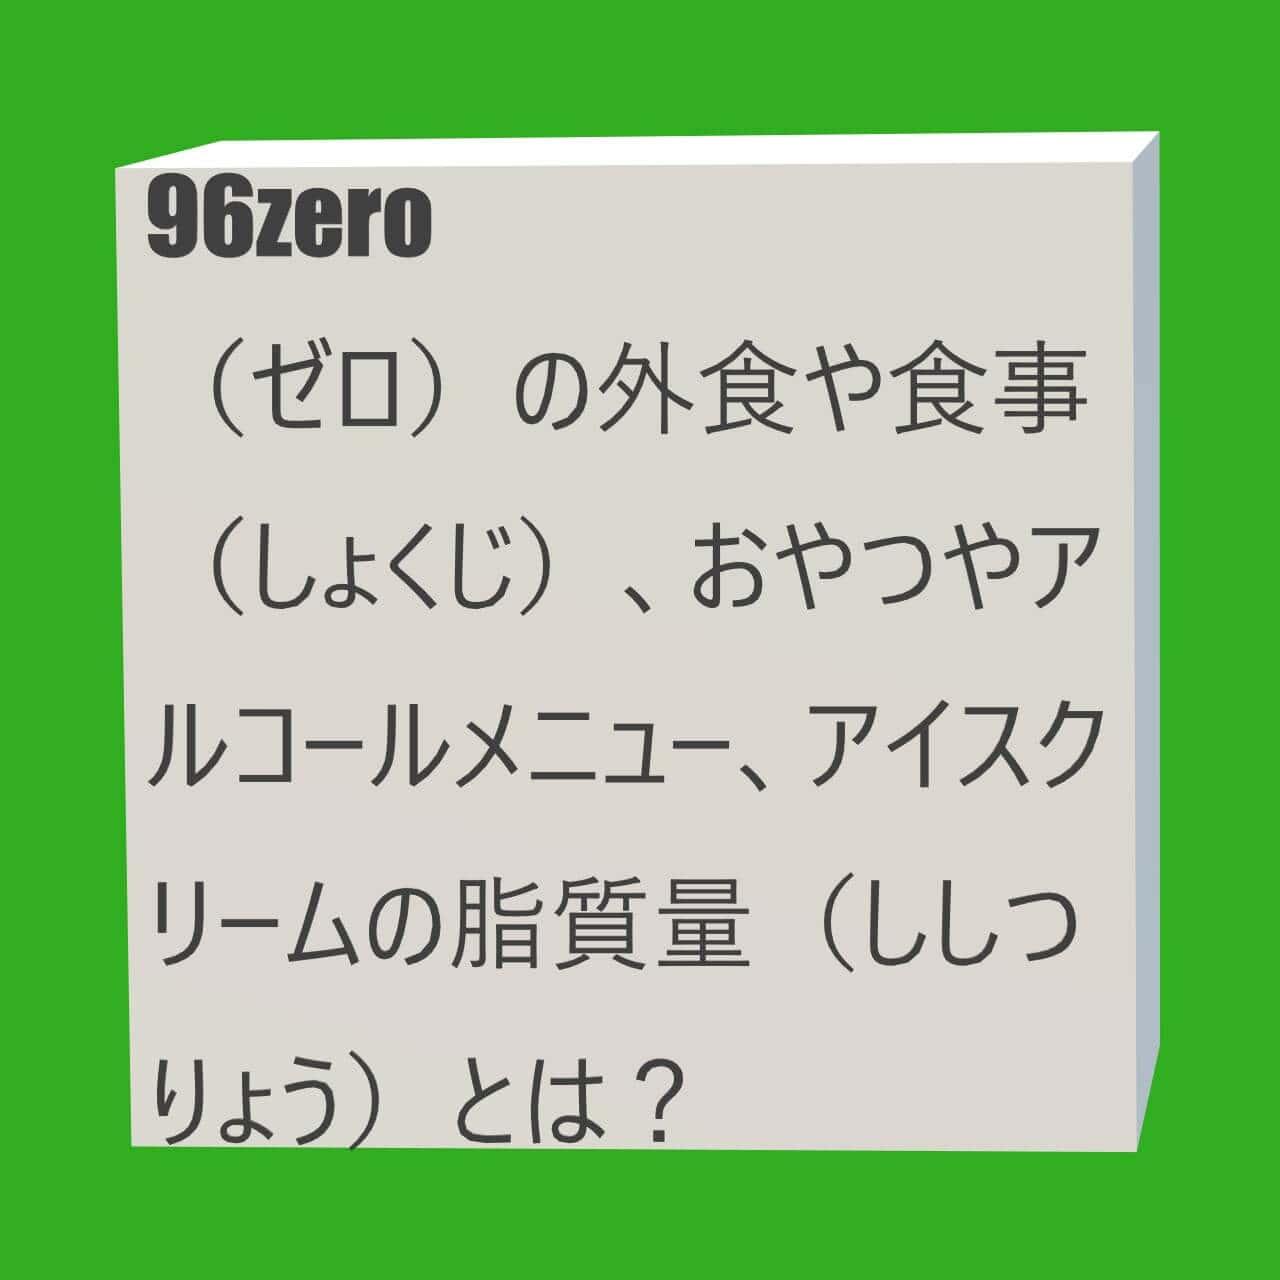 96zero(ゼロ)の外食や食事(しょくじ)、おやつやアルコールメニュー、アイスクリームの脂質量(ししつりょう)とは?にかかる画像(がぞう)